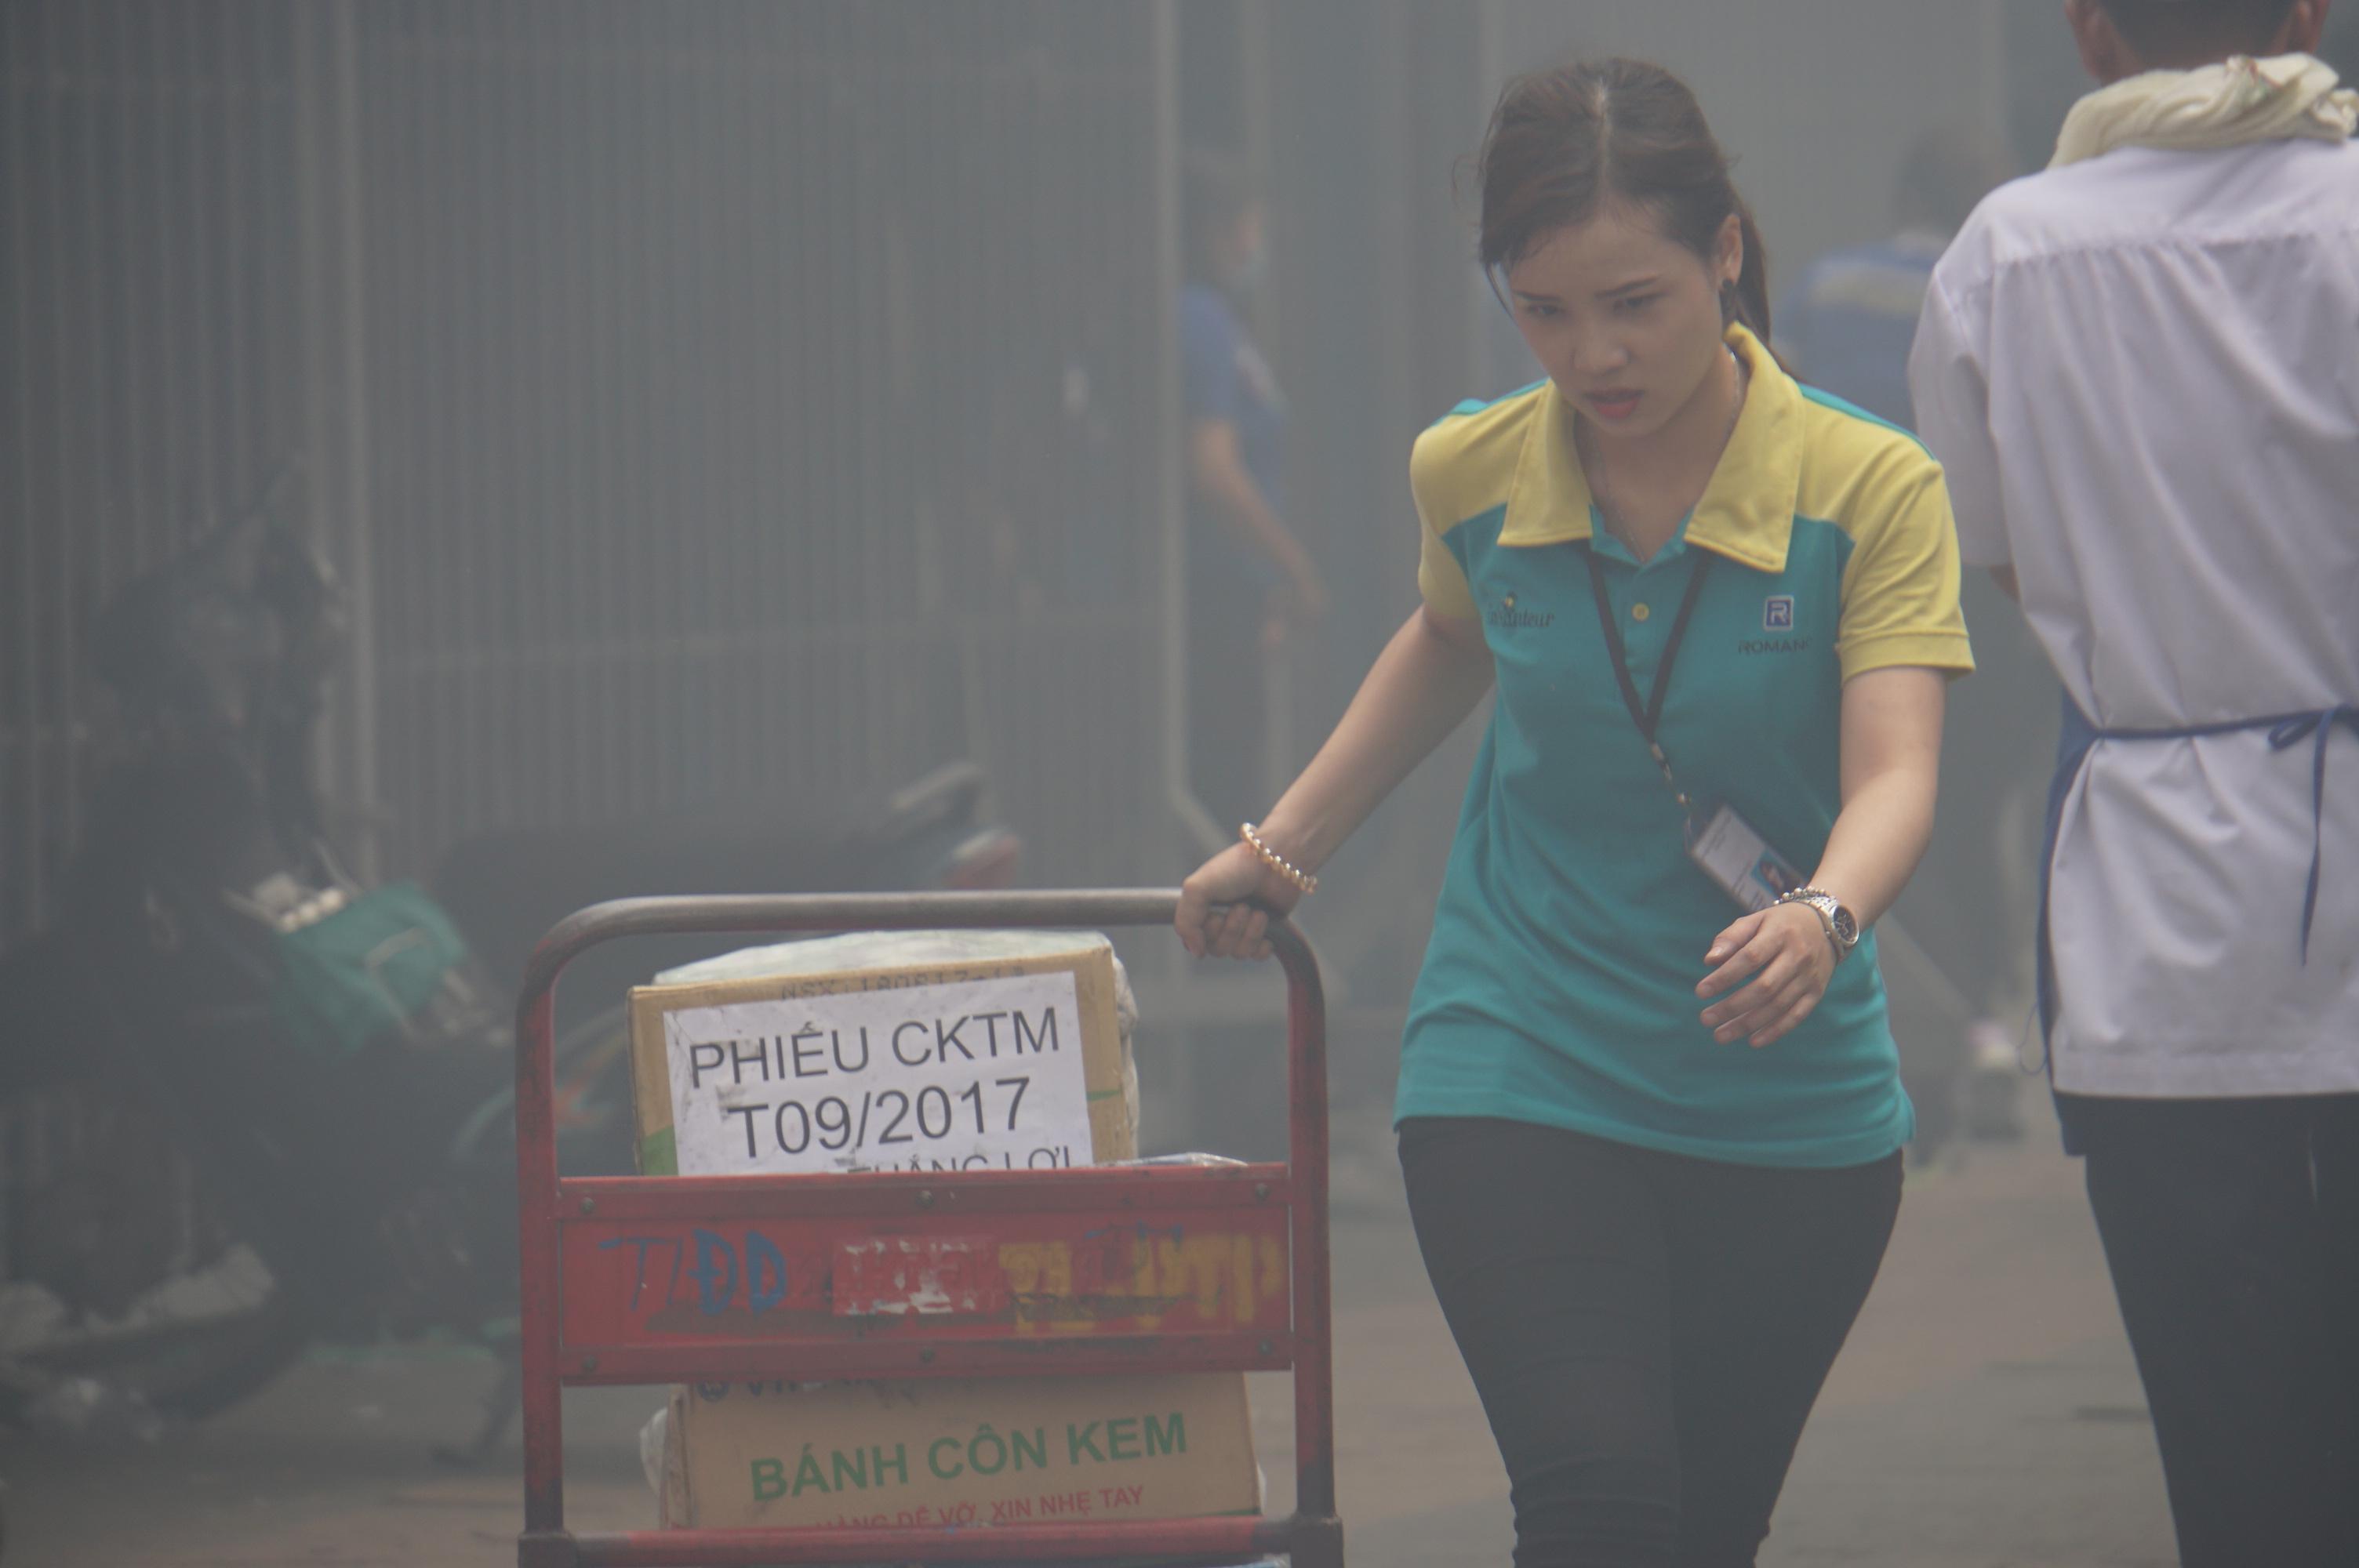 ...một số khác di dời sổ sách, dữ liệu ra khỏi nơi làm việc nằm sát khu vực xảy ra hỏa hoạn